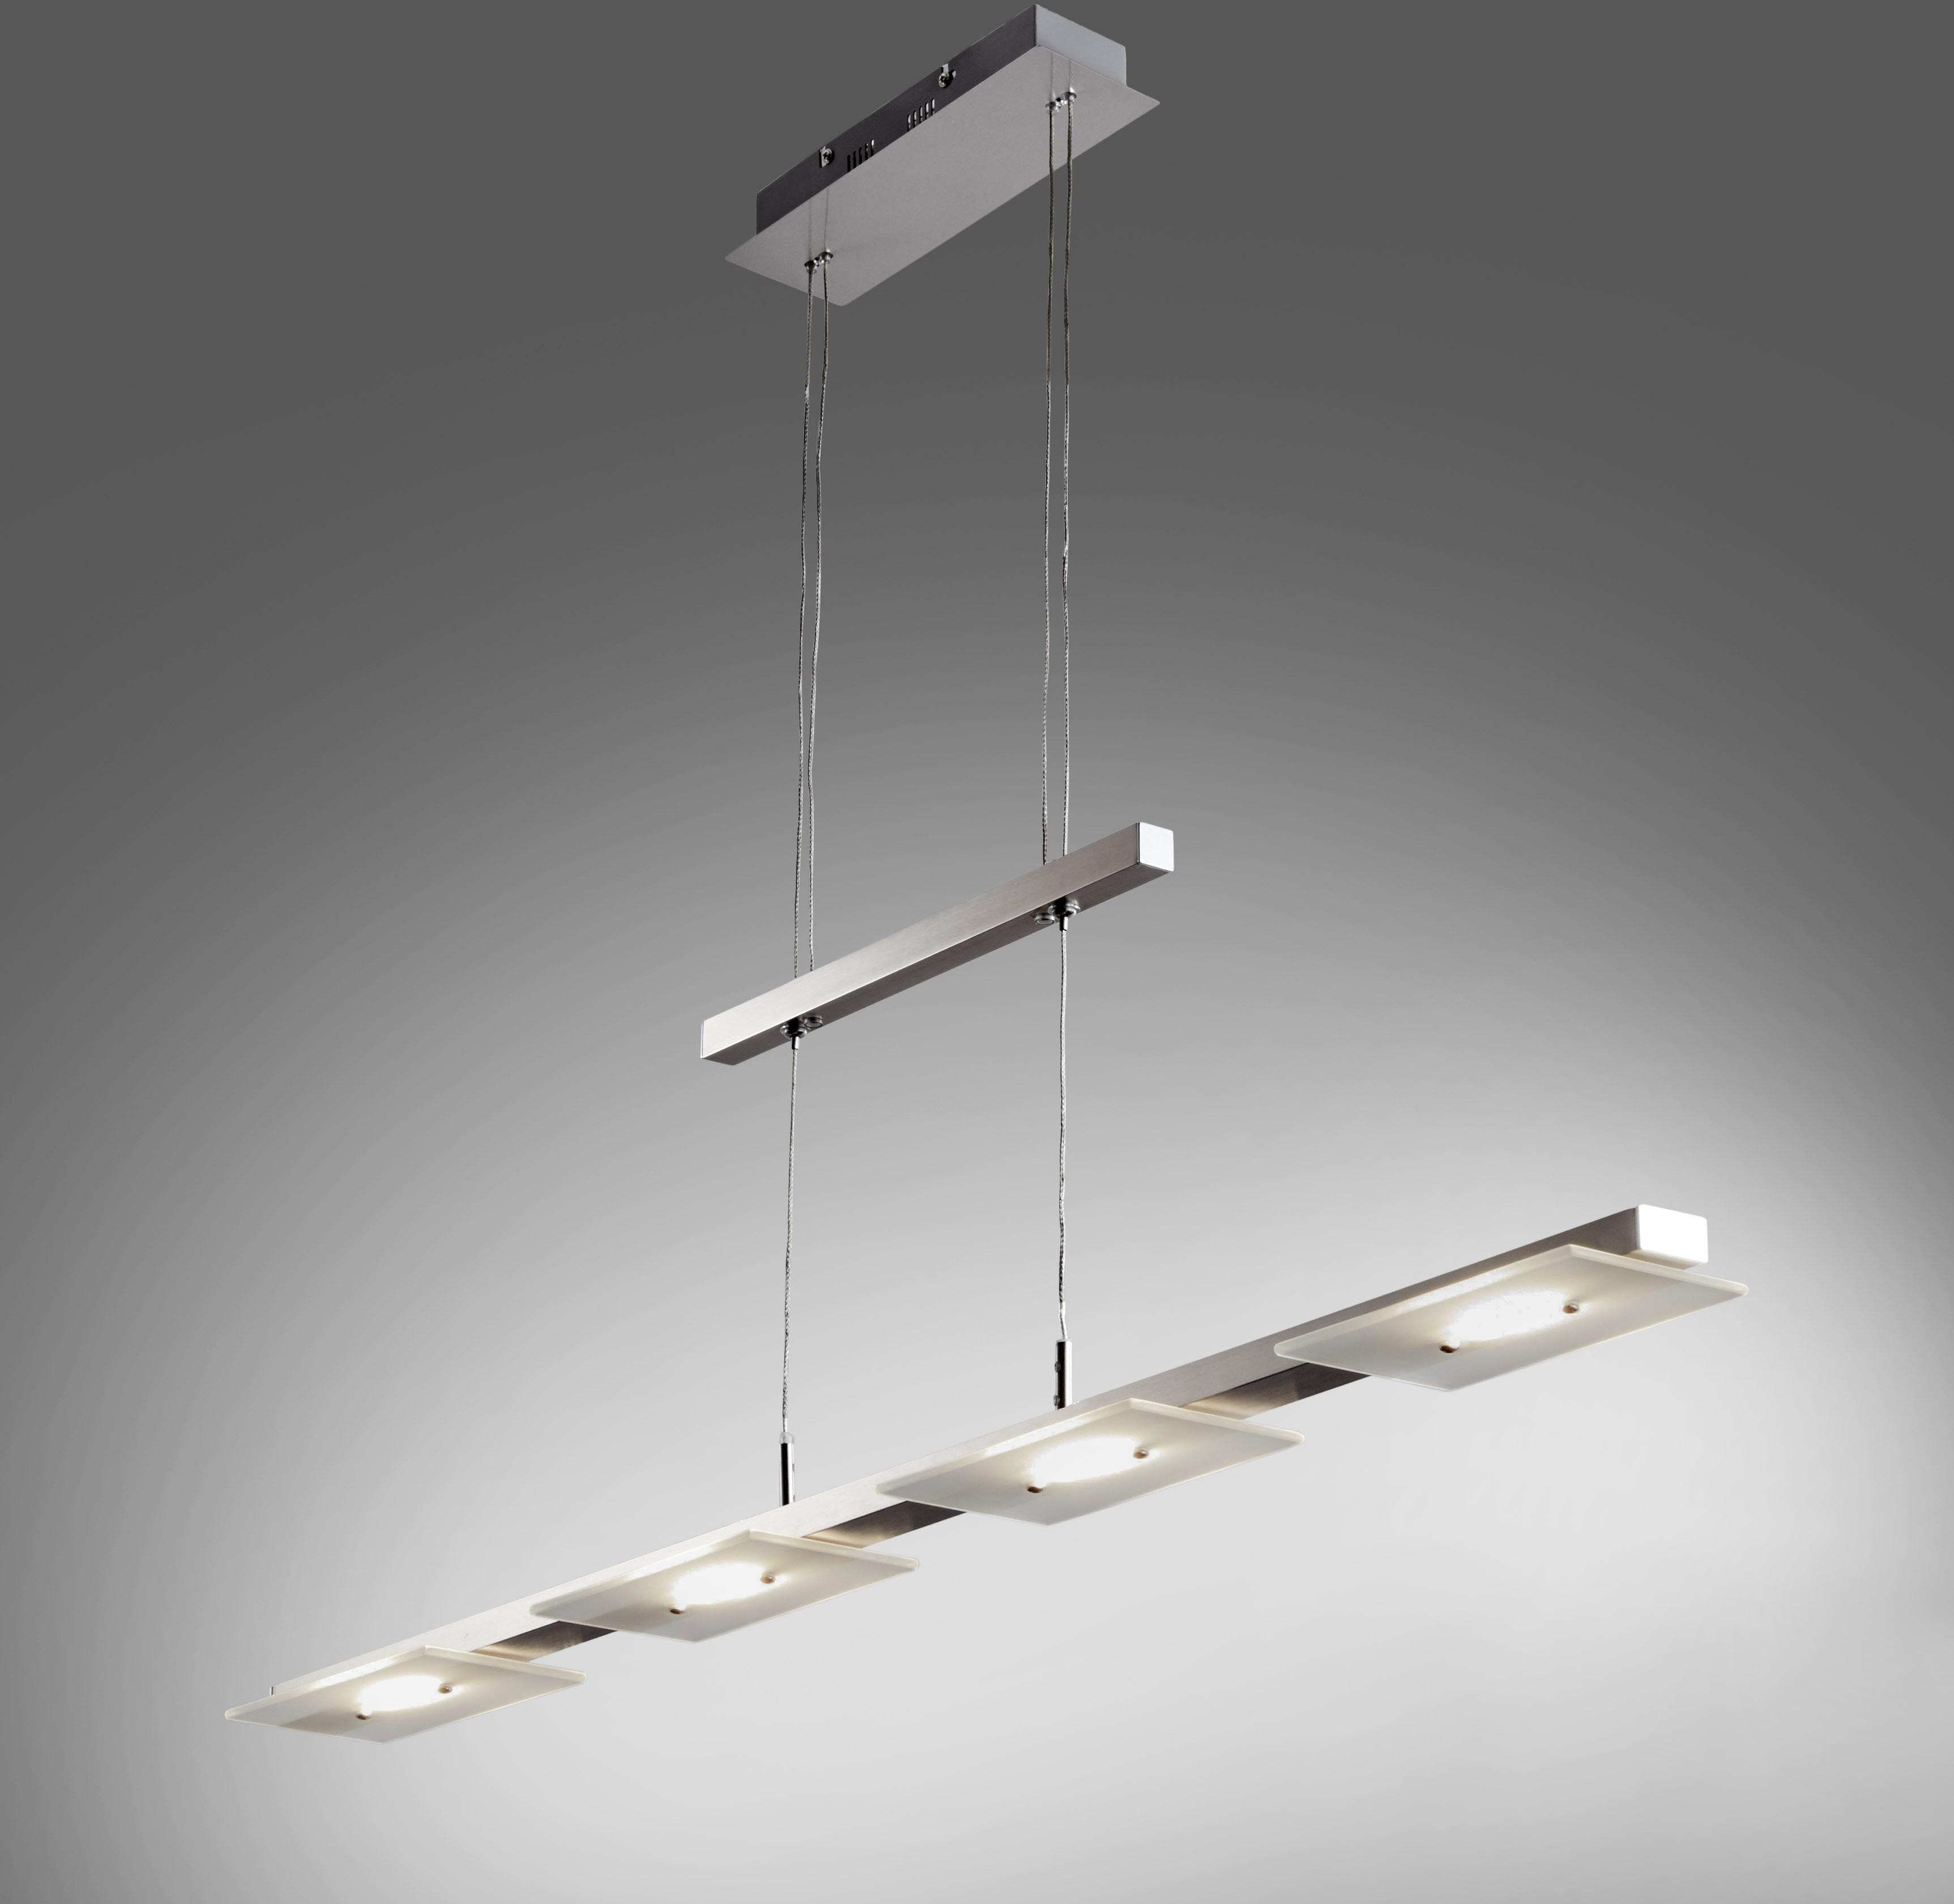 B.K.Licht LED Pendelleuchte Aries, LED-Board, Warmweiß, LED Deckenleuchte Design Pendel-Leuchte inkl. 18W 1600lm Hänge-Lampe Esszimmerlampe